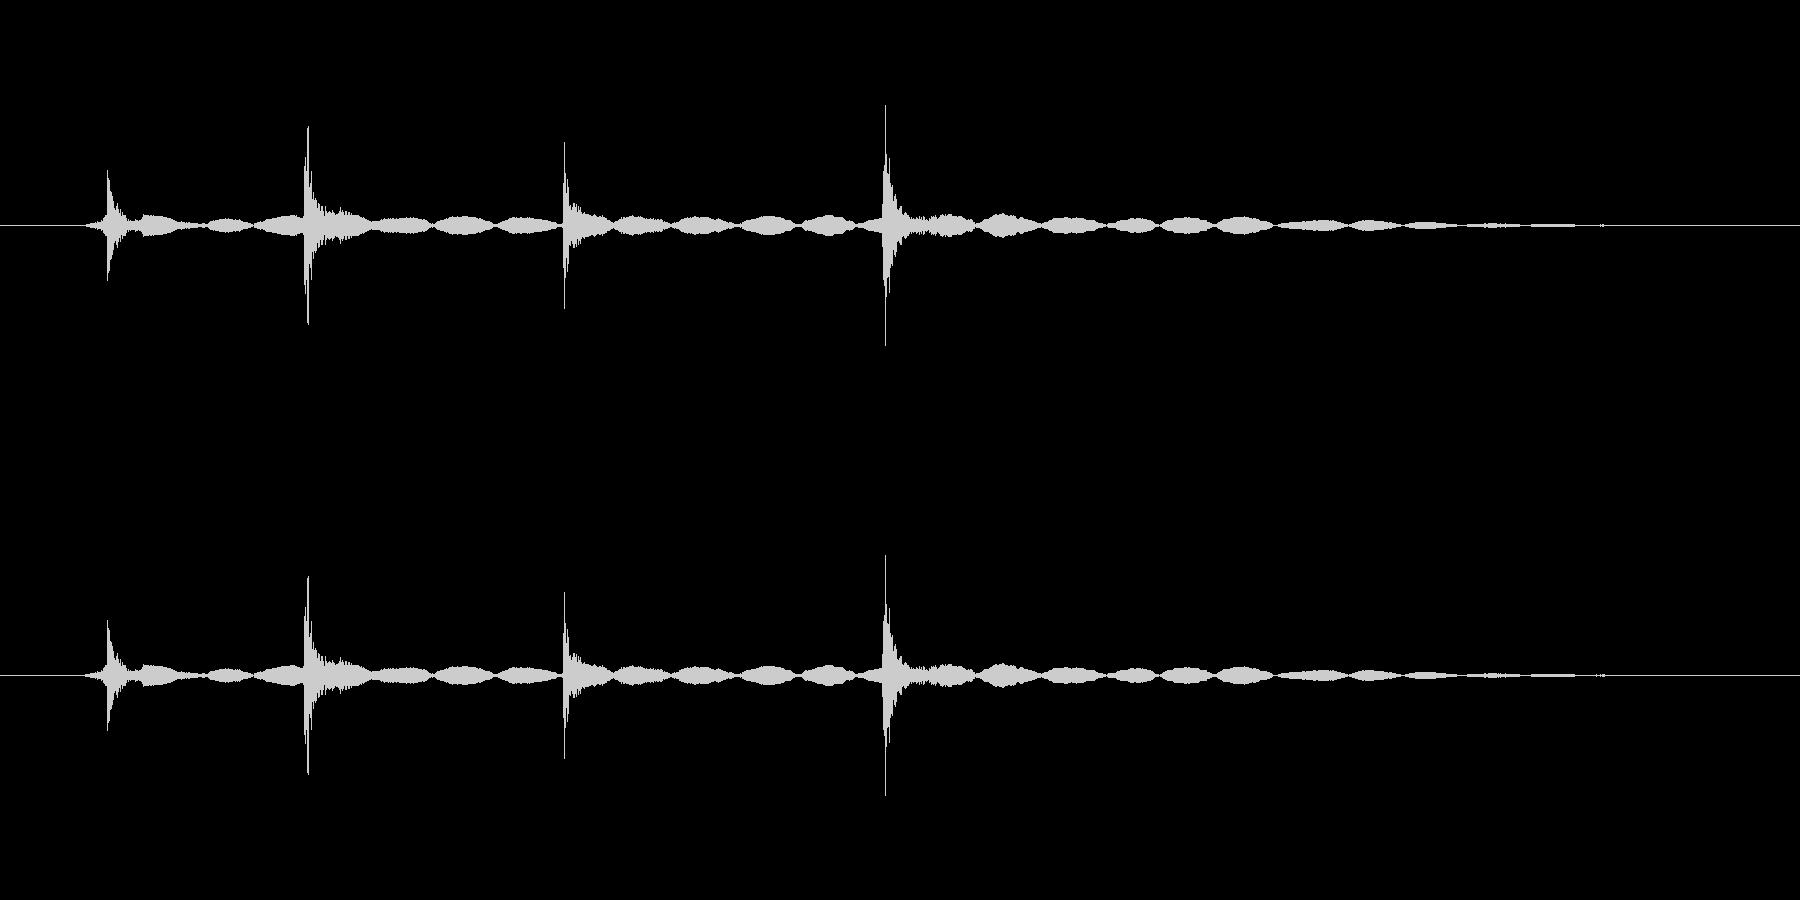 ダブルクリック音(カチカチッ、軽め)の未再生の波形